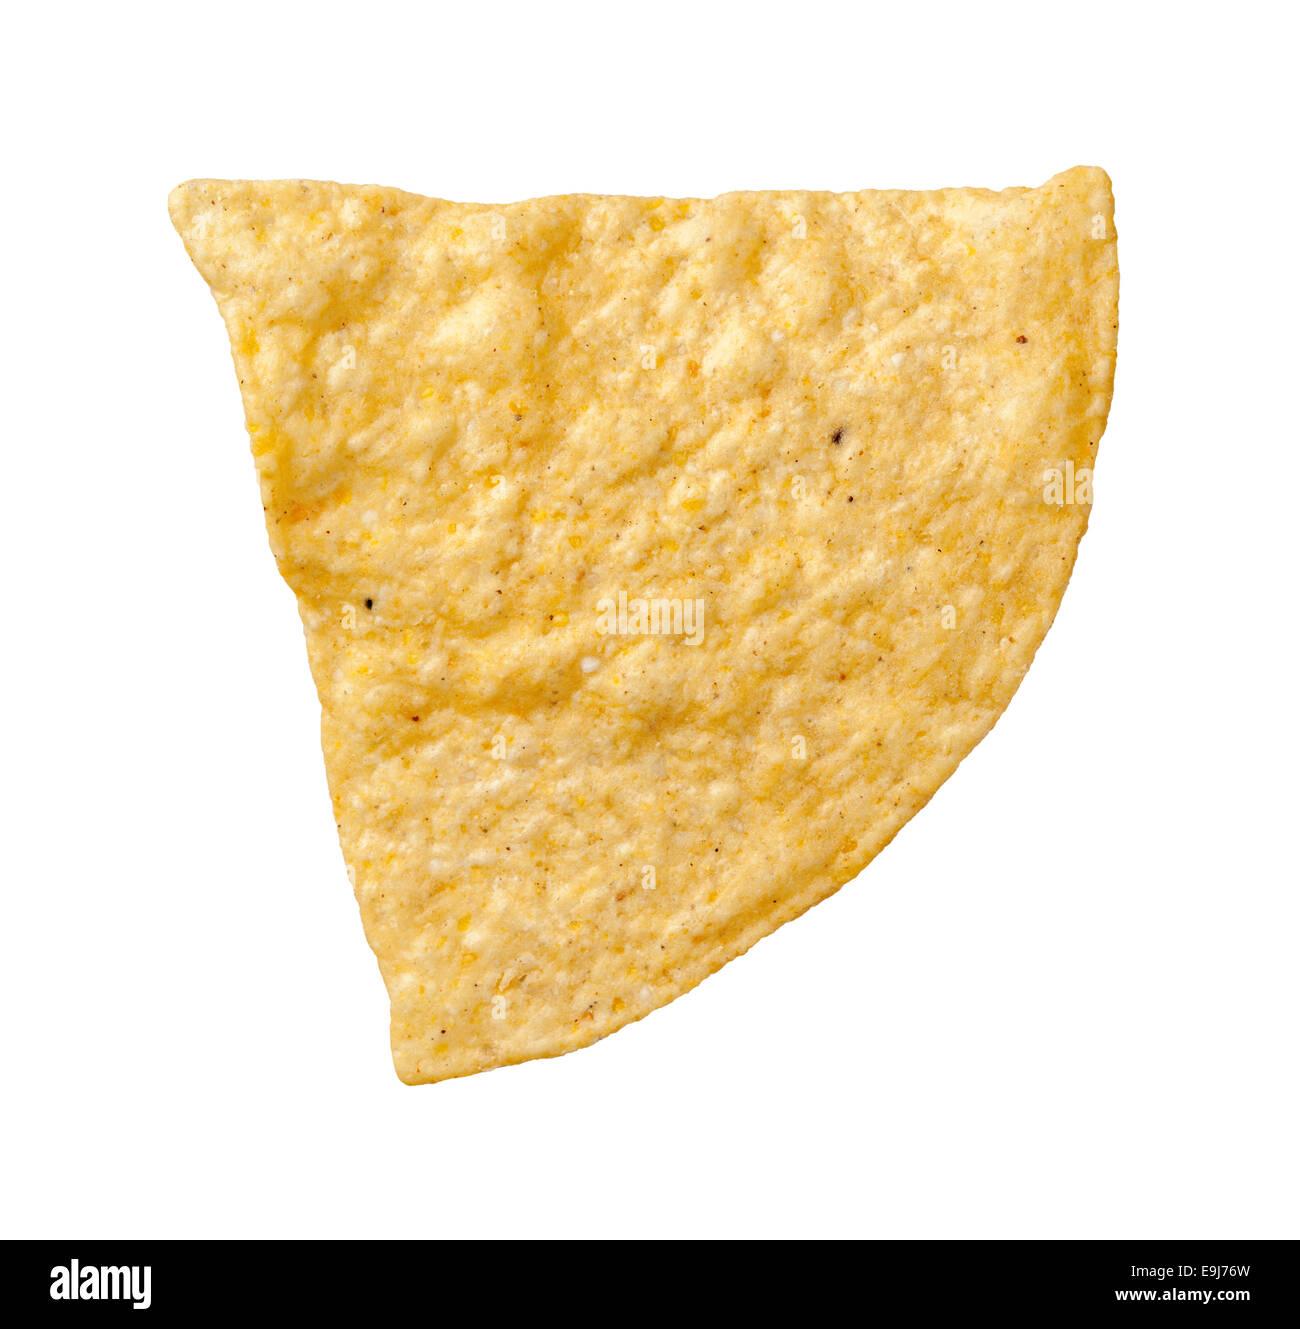 Un seul tortilla chip isolé sur un fond blanc. Les tortillas sont une collation salée associées aux Photo Stock